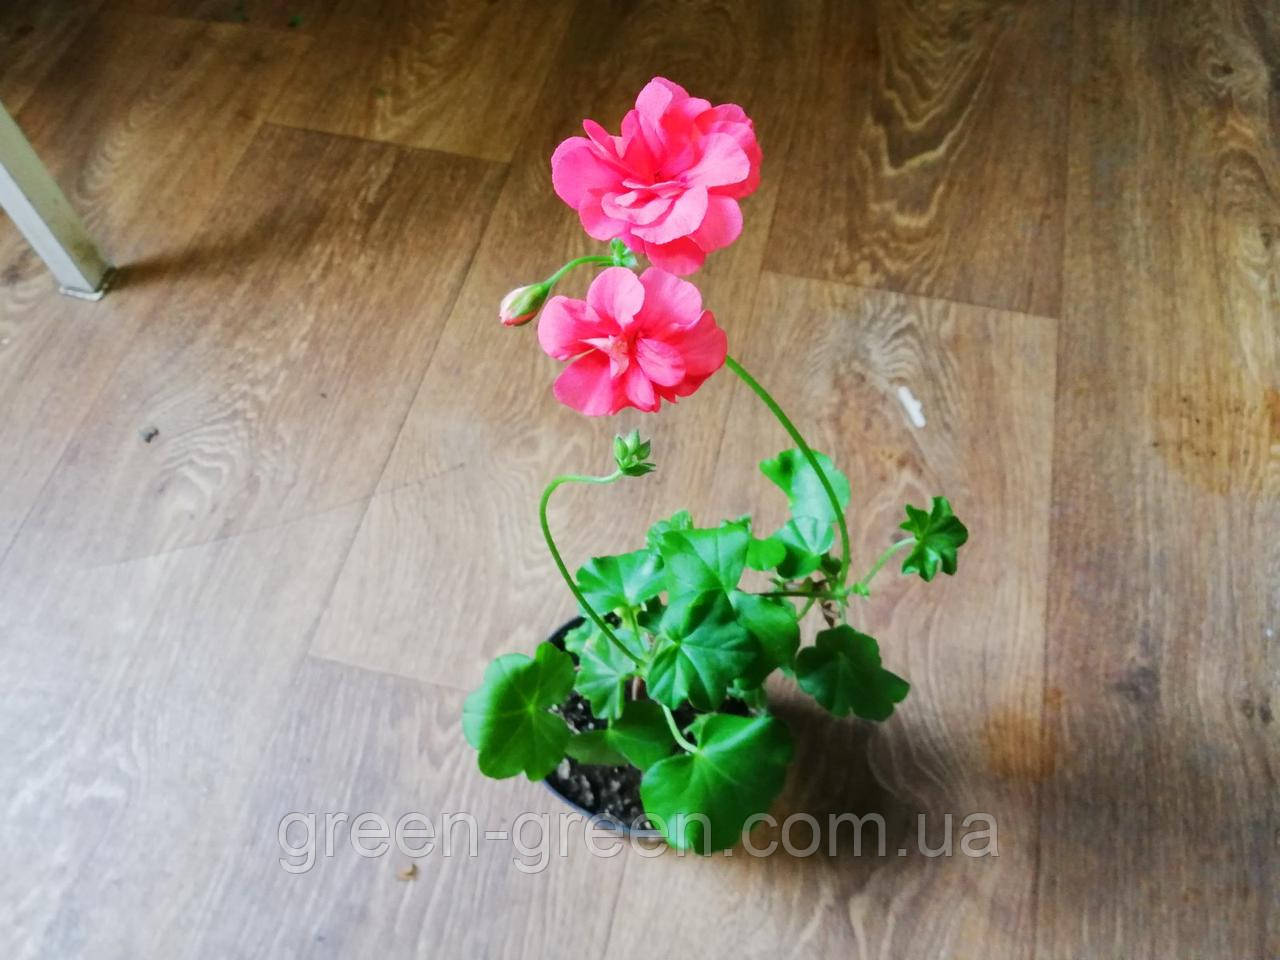 Пеларгония ампельная Pink Sybil